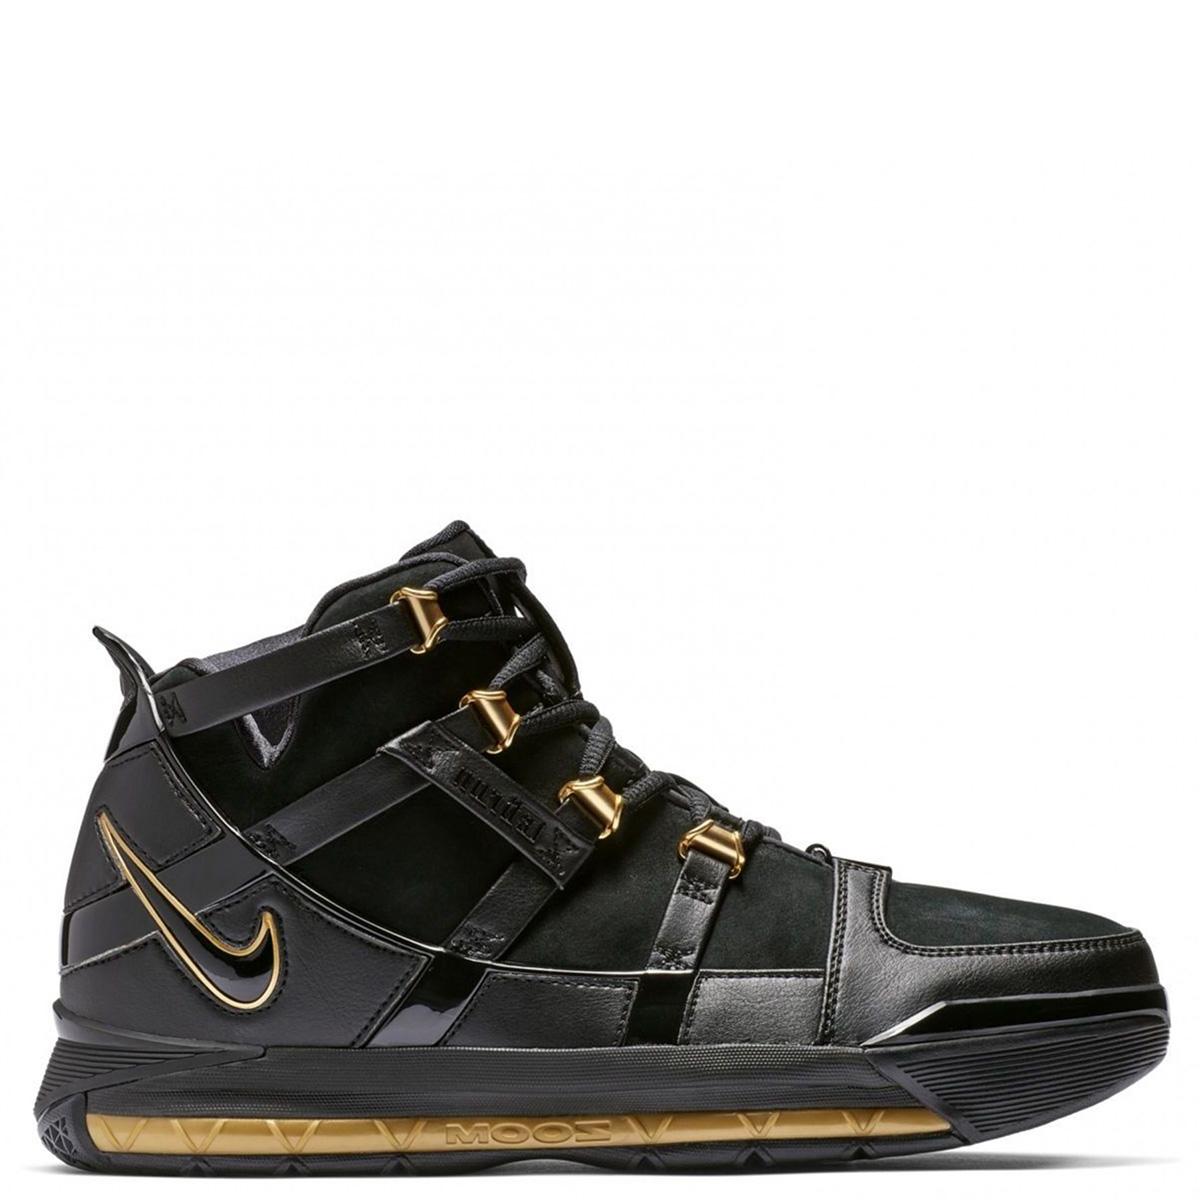 0b330b9d073e Nike NIKE Revlon sneakers men ZOOM LEBRON 3 QS black AO2434-001  192